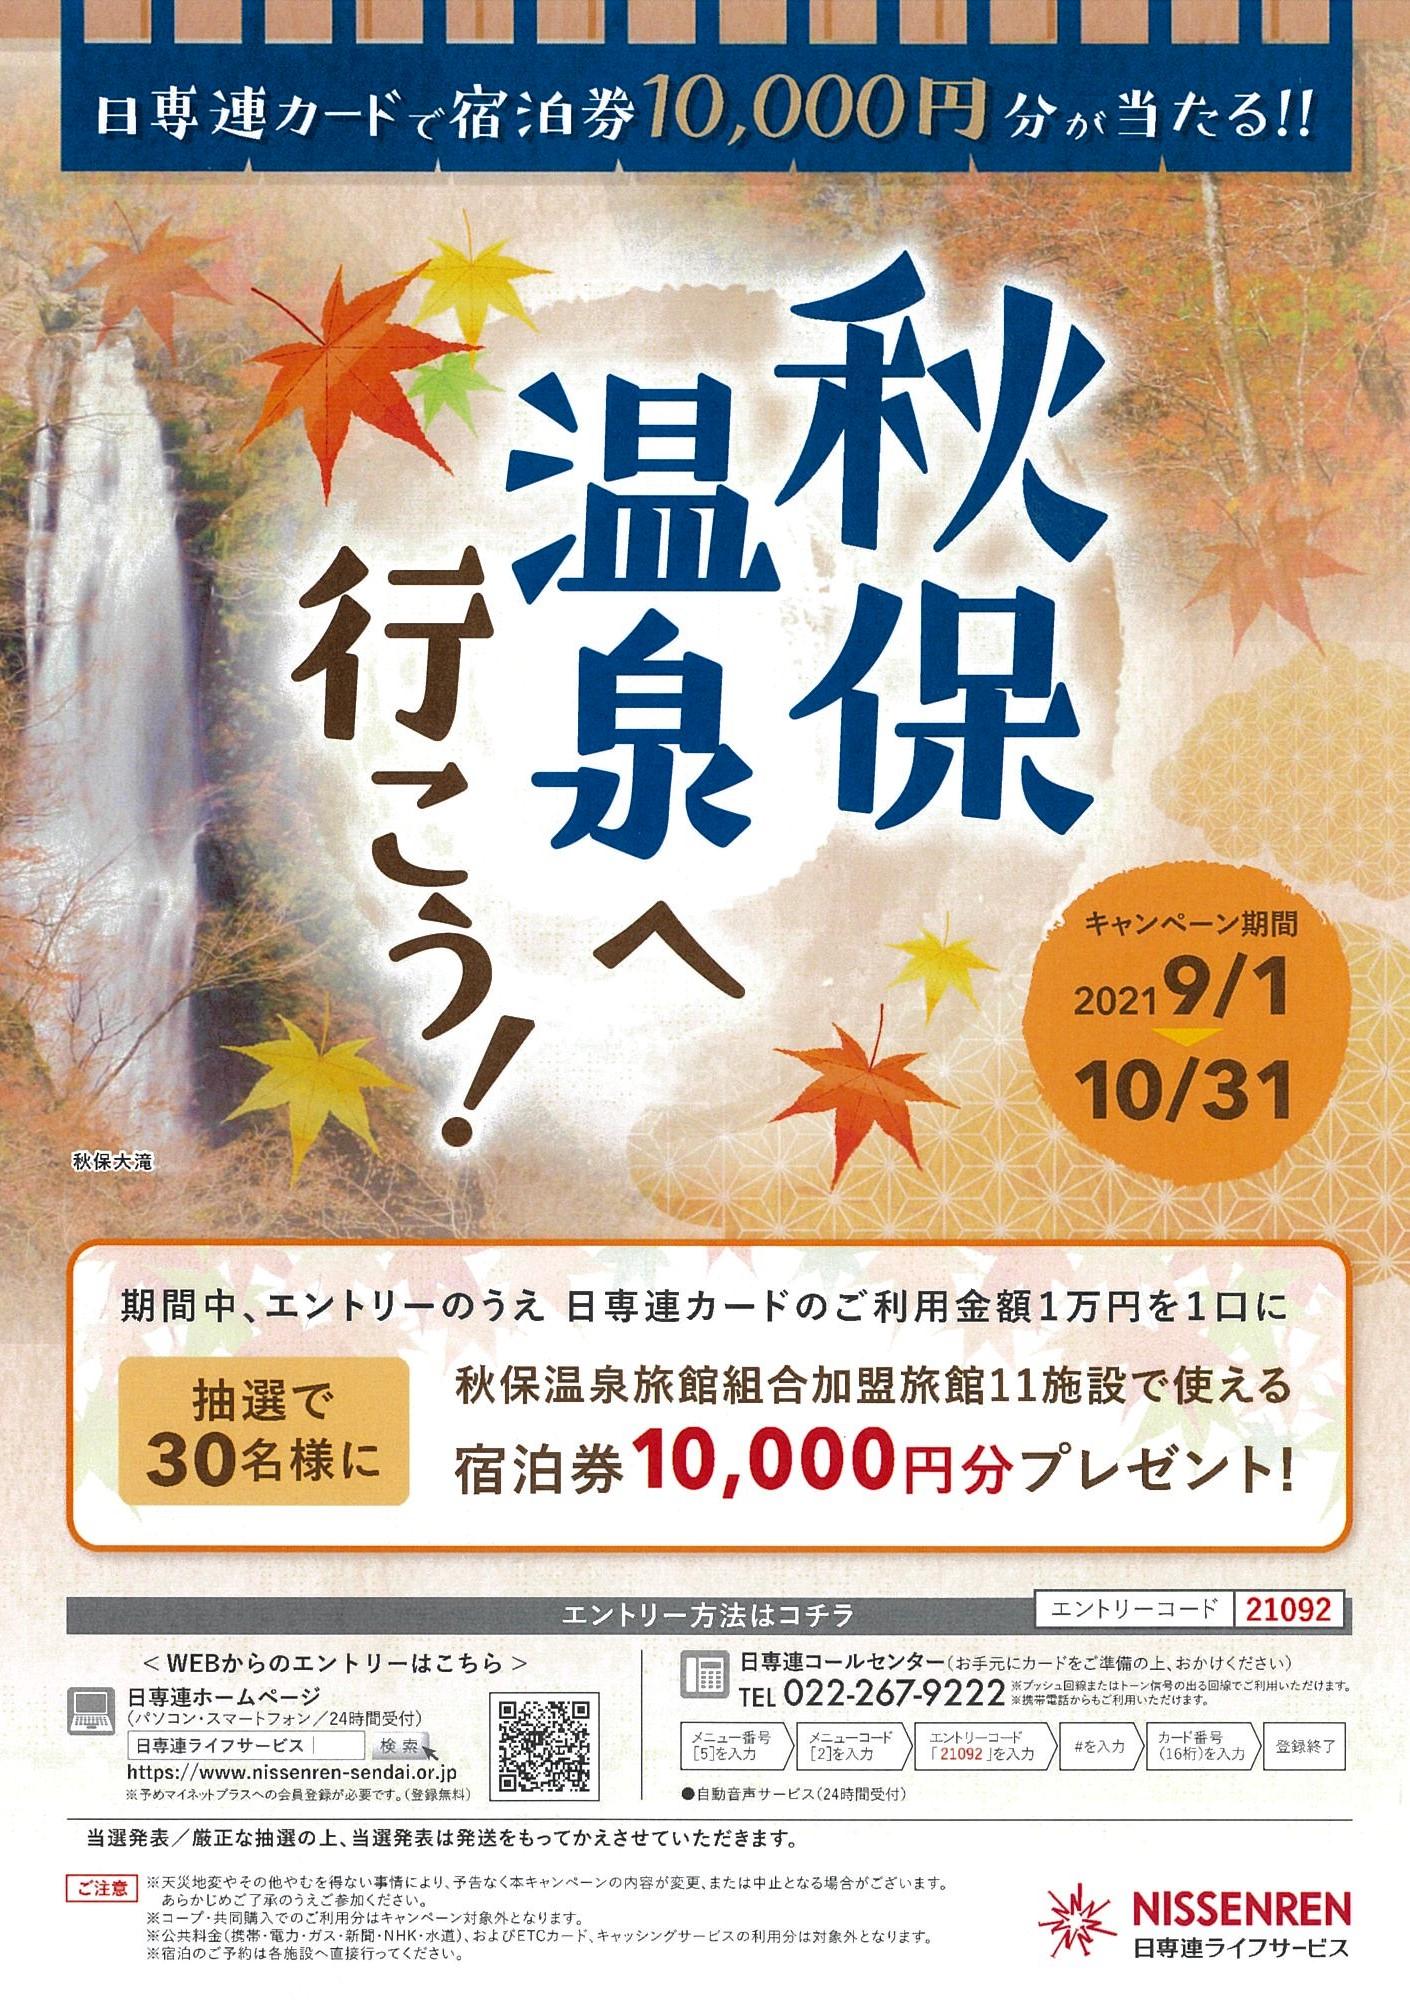 日専連カードで宿泊券10,000円分が当たる!! 『秋保温泉へ行こう!』キャンペーンが10/31(日)まで開催中です!!